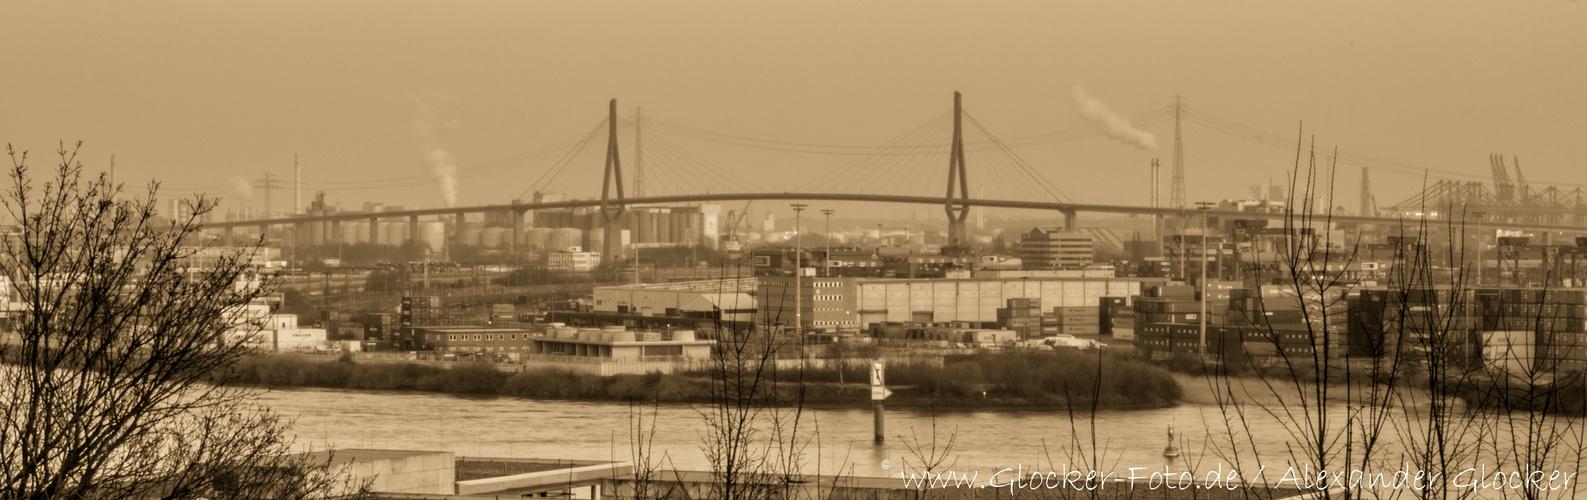 Köhlbrandbrücke. Vor unserer Zeit :)